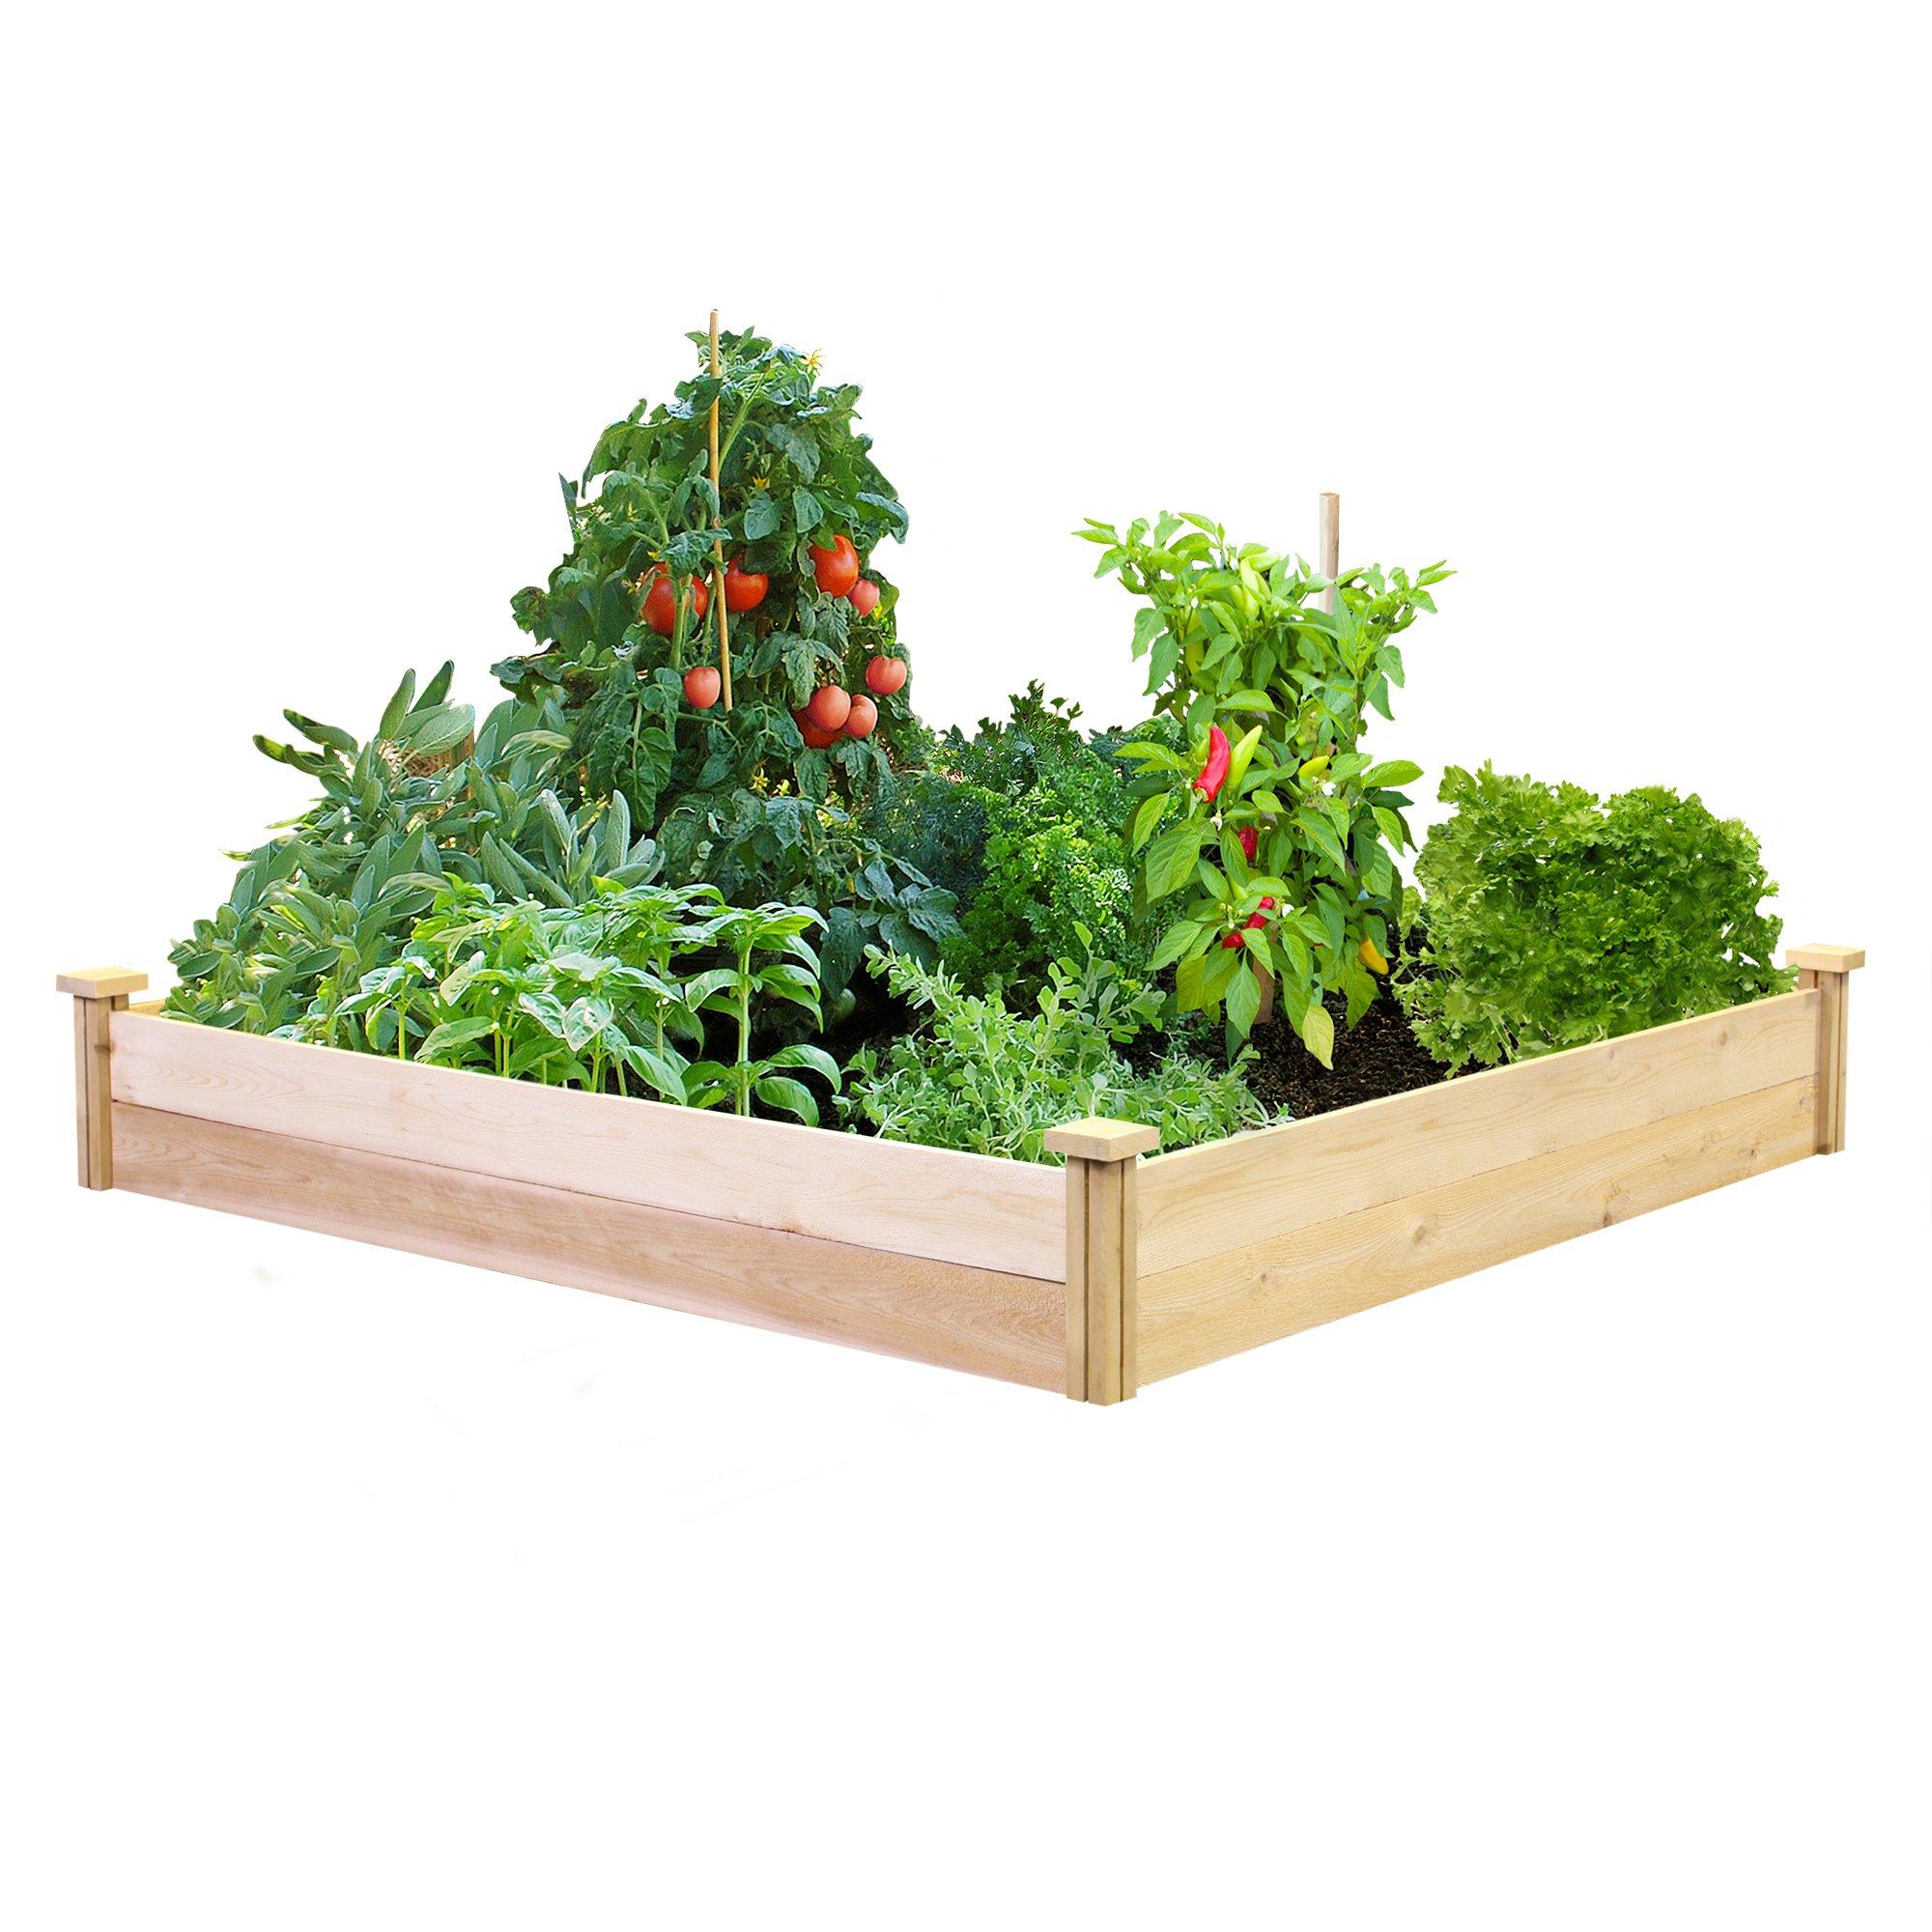 Best Value Cedar Raised Garden Bed Planter 48'' W x 48'' L x 7'' H